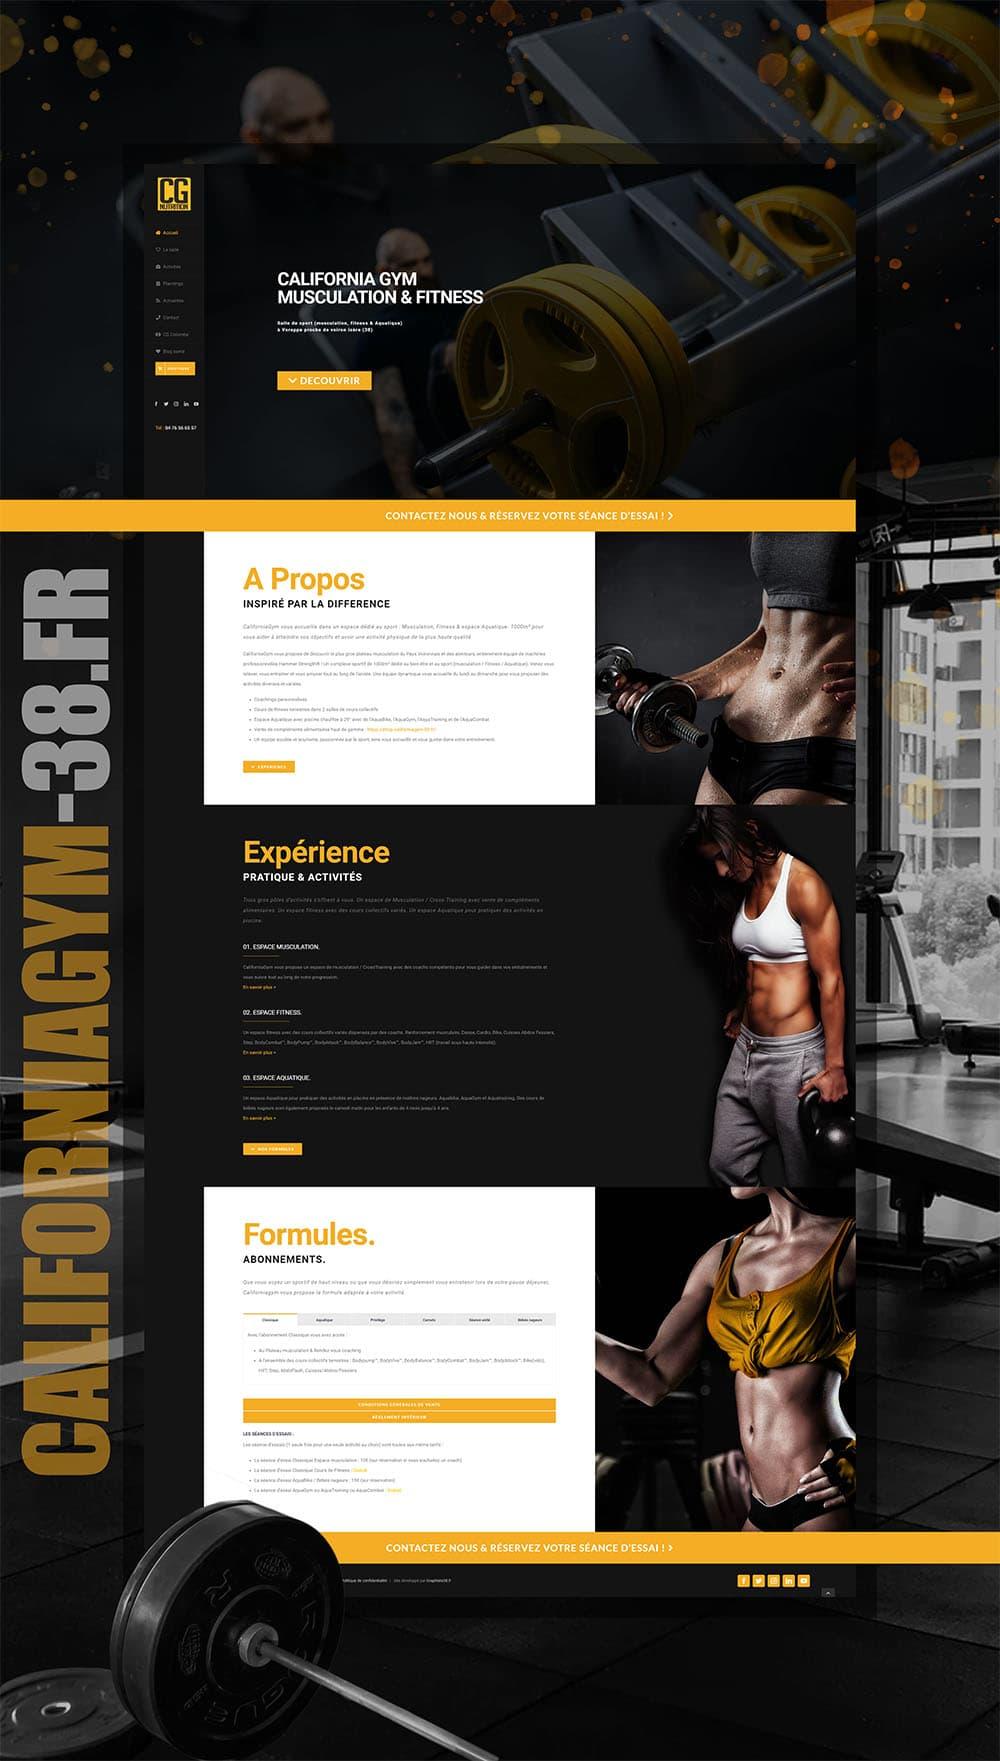 Maquette de la refonte du design du site